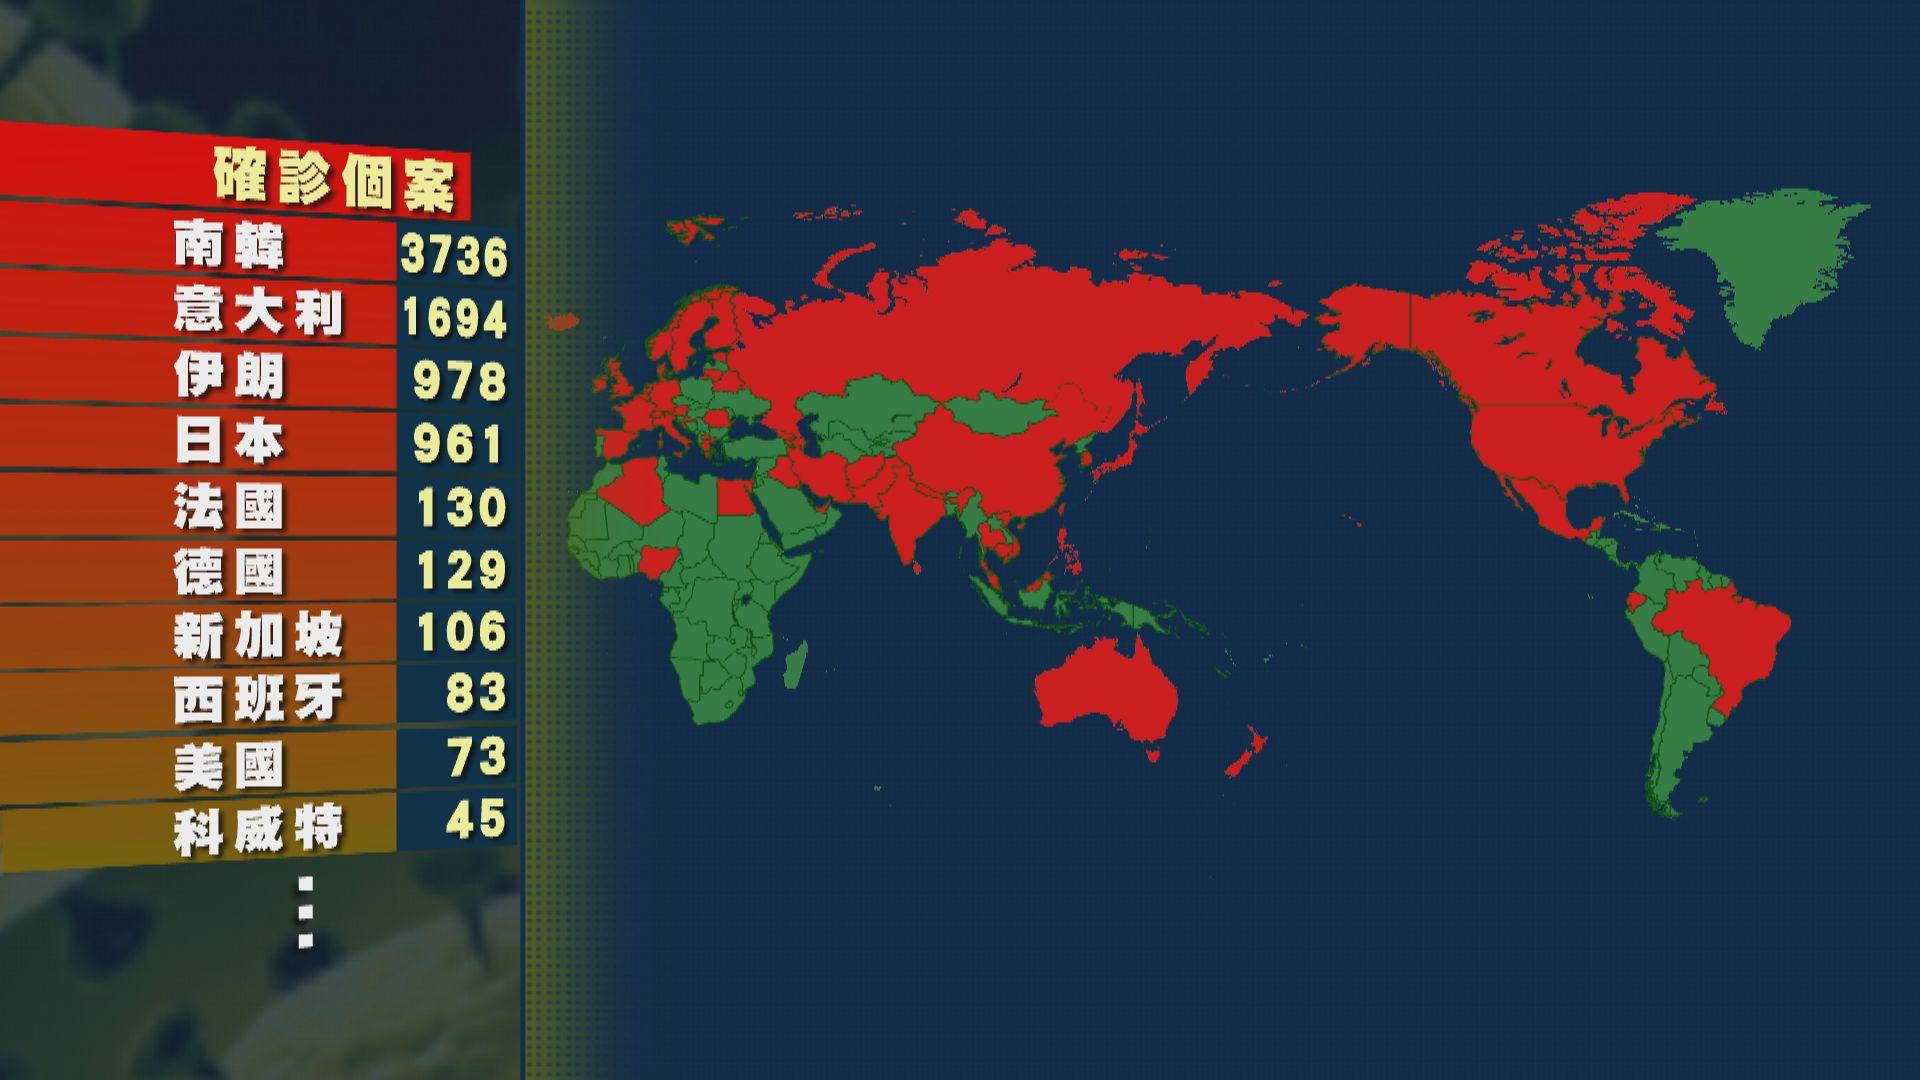 疫情在多國持續蔓延 意大利確診個案增至近1700宗34死